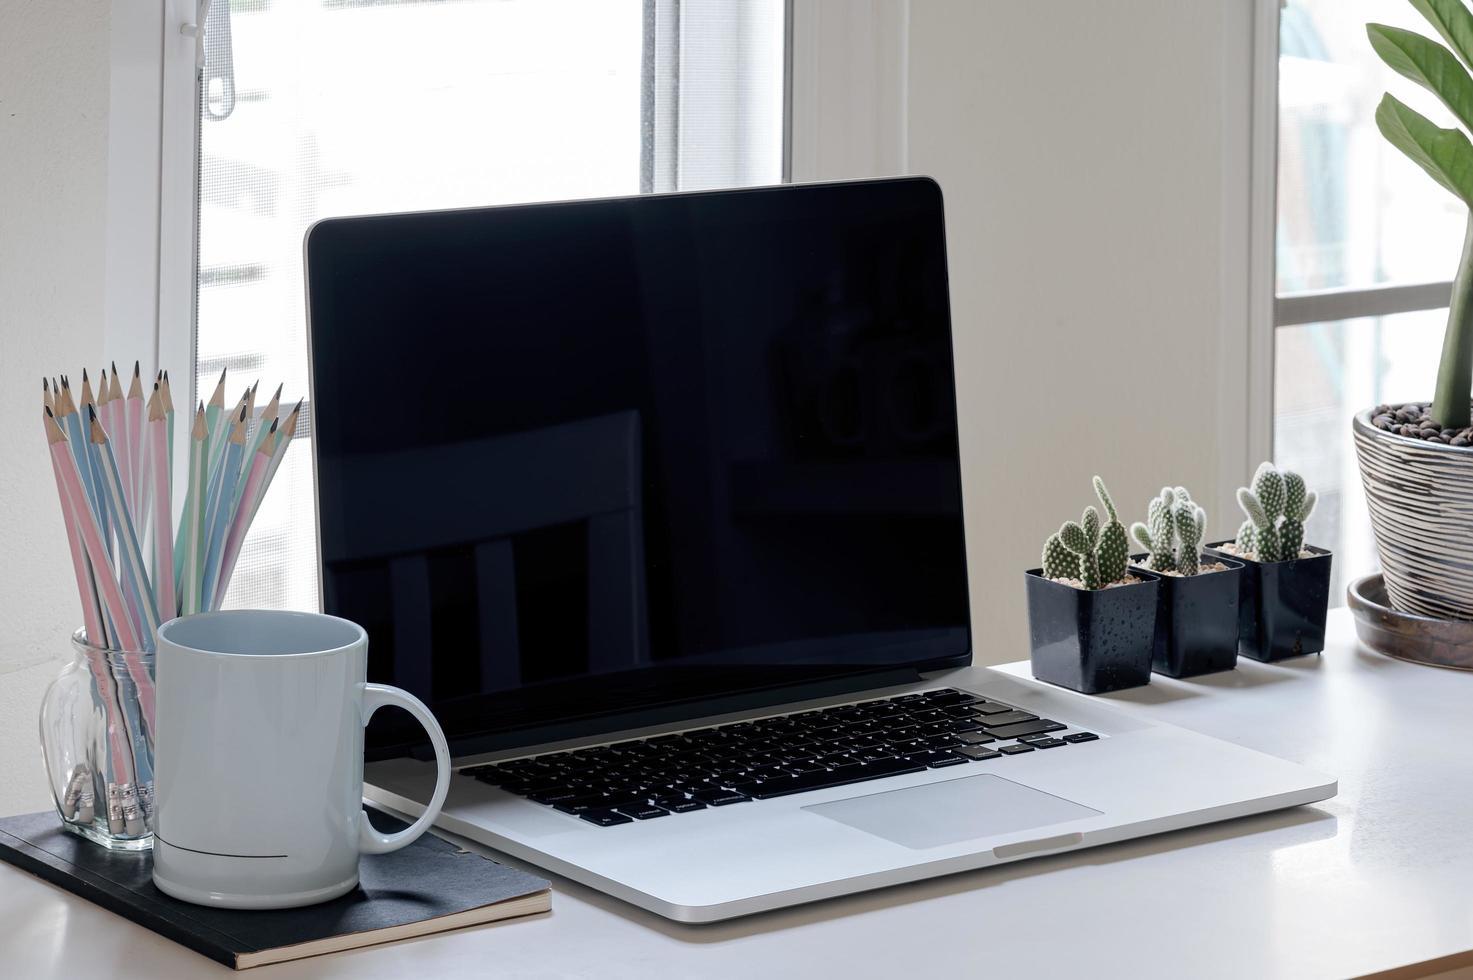 maquette d'ordinateur portable avec des plantes en pot photo